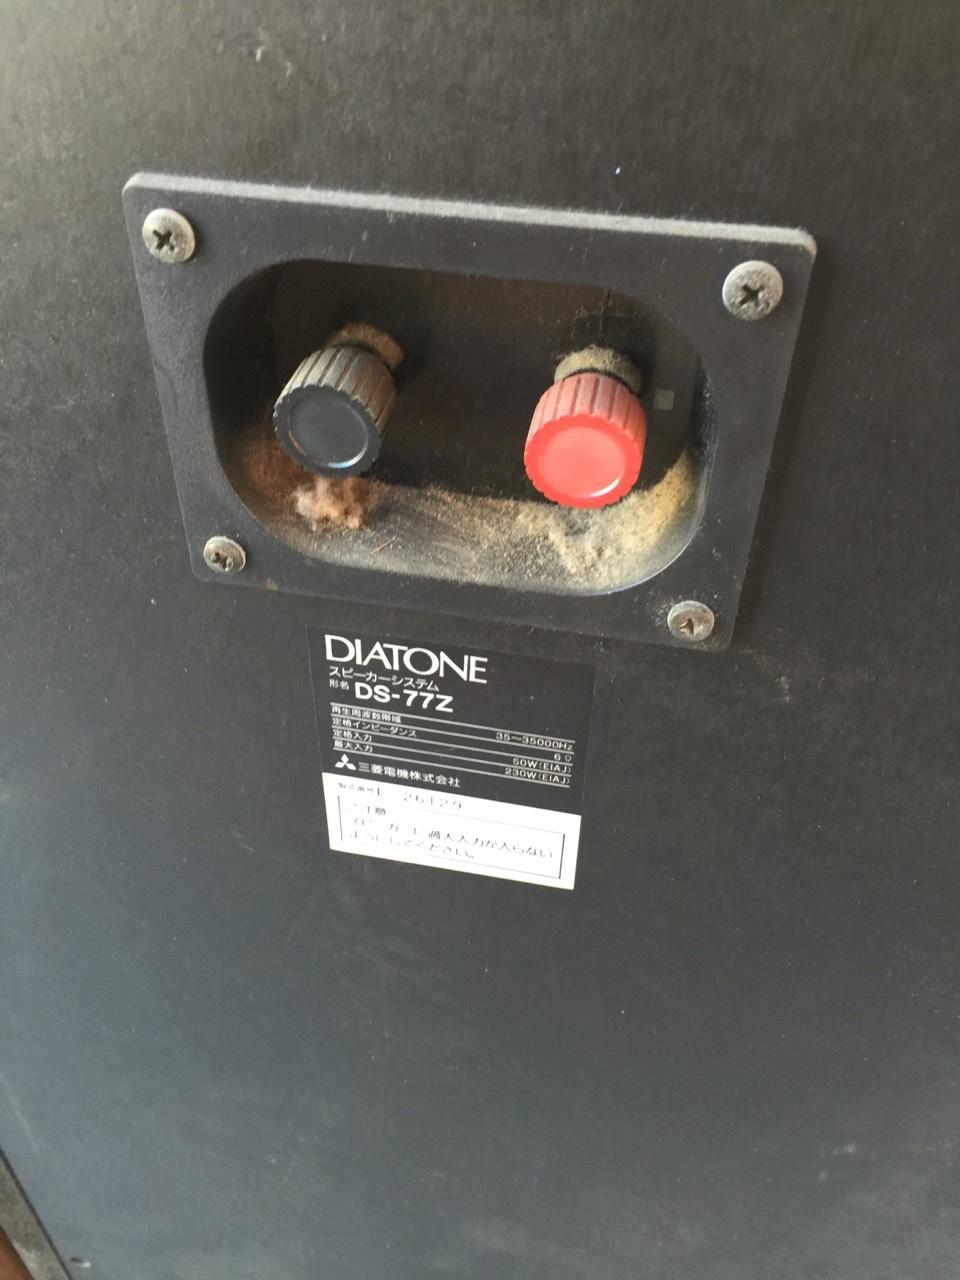 DIATONE DS77Z